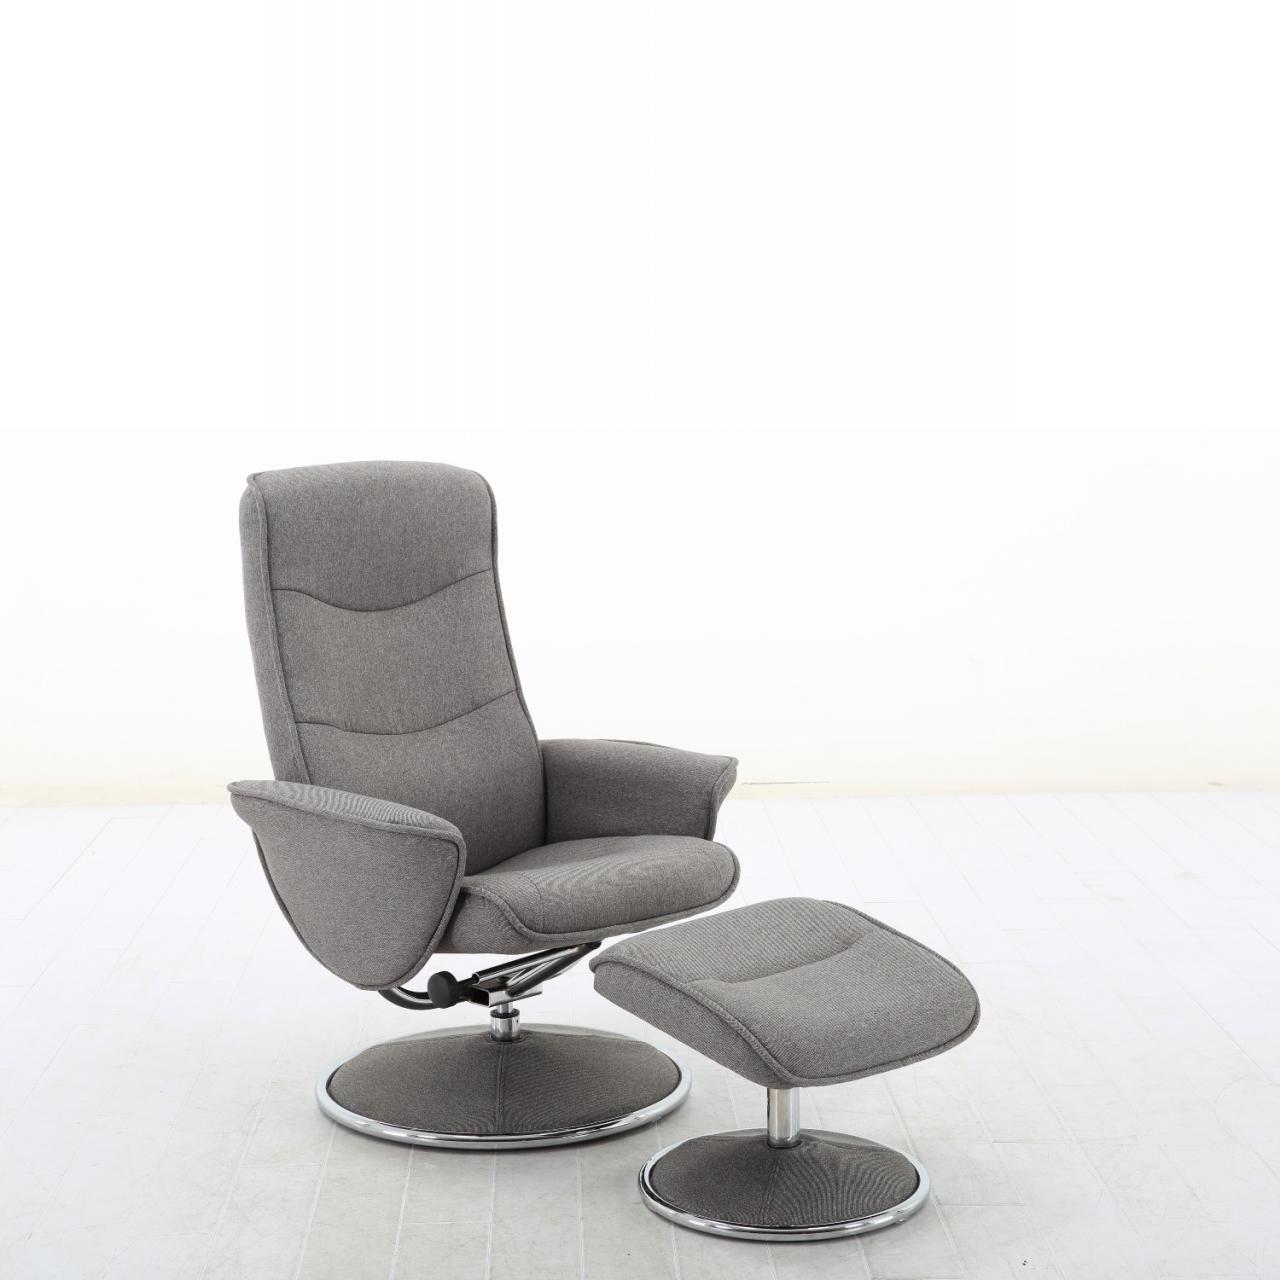 TV-Sessel Marla Metall Verchromt inkl. Hocker Salt-Pepper Relaxsessel Sessel